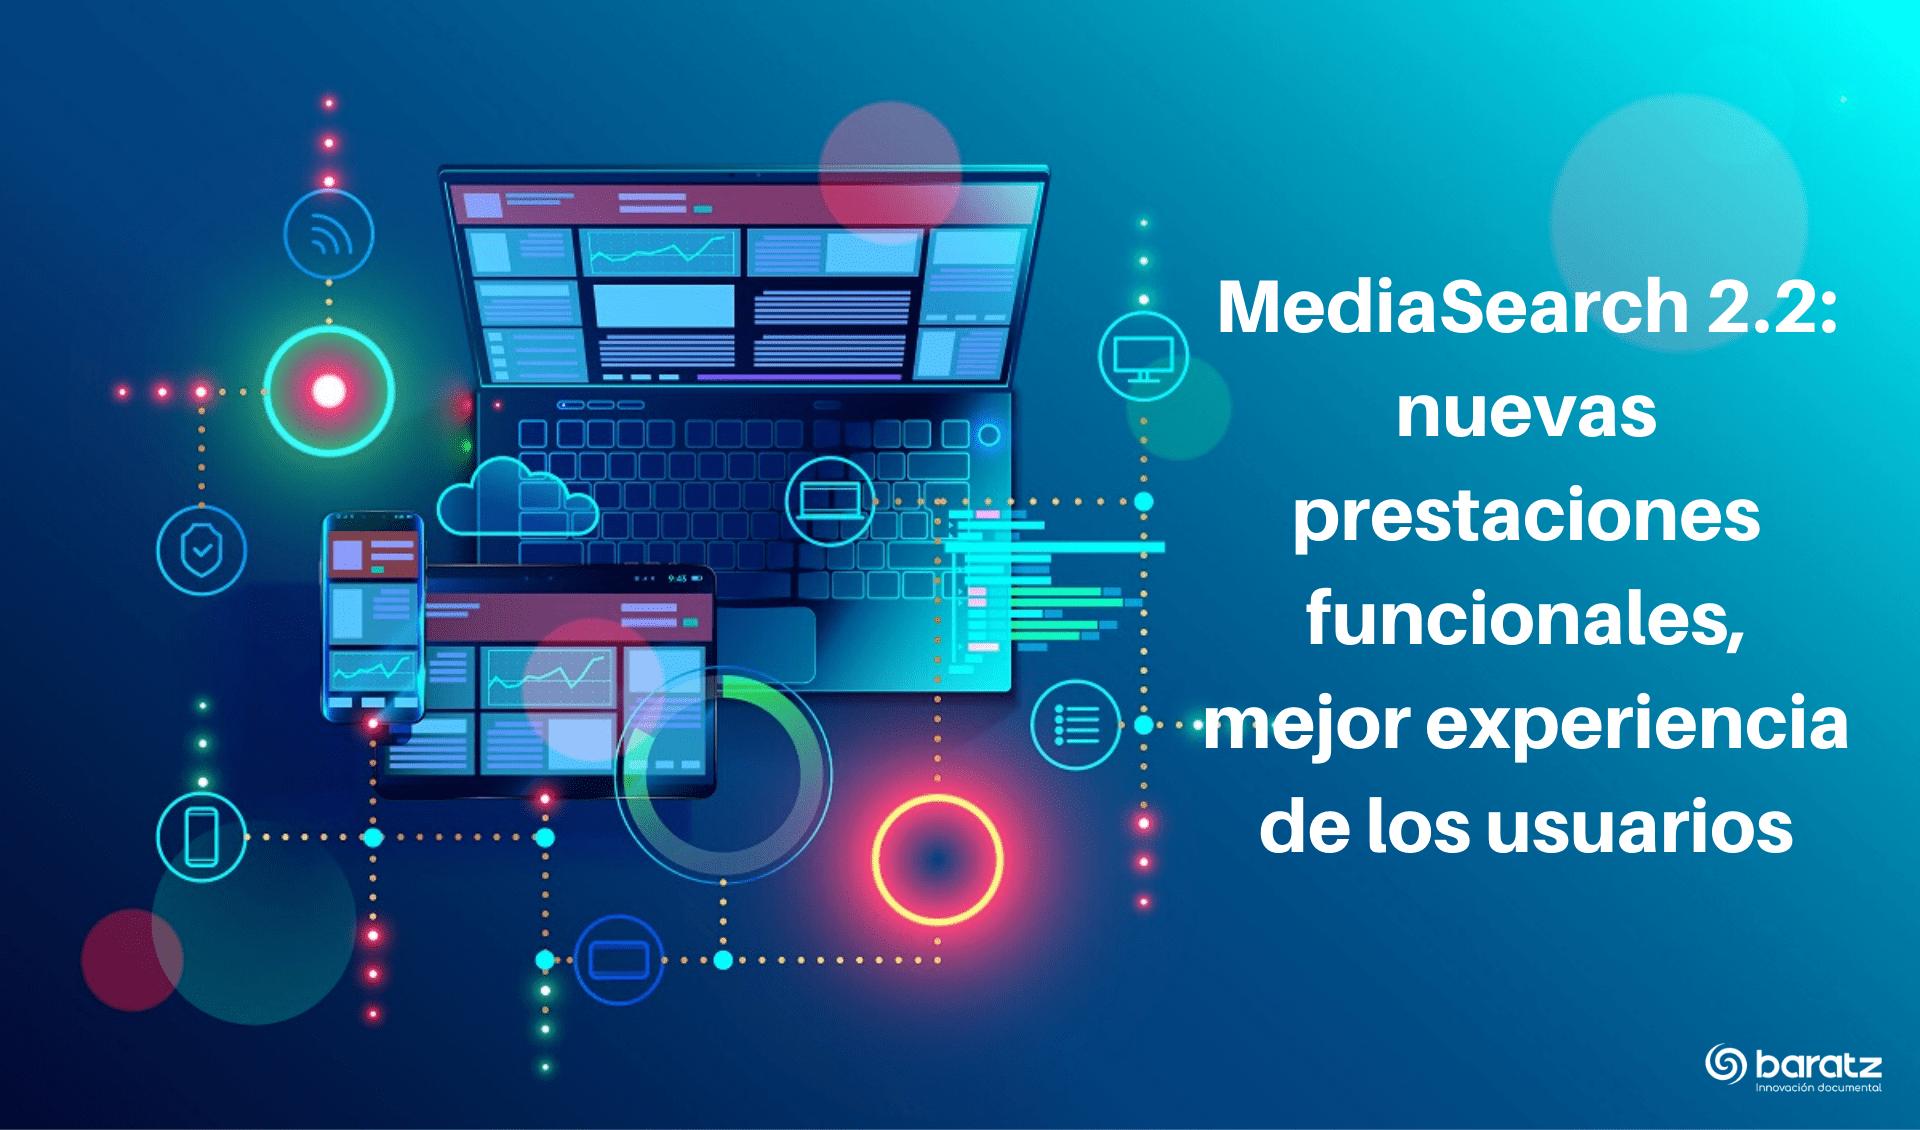 MediaSearch 2.2 nuevas prestaciones funcionales, mejor experiencia de los usuarios